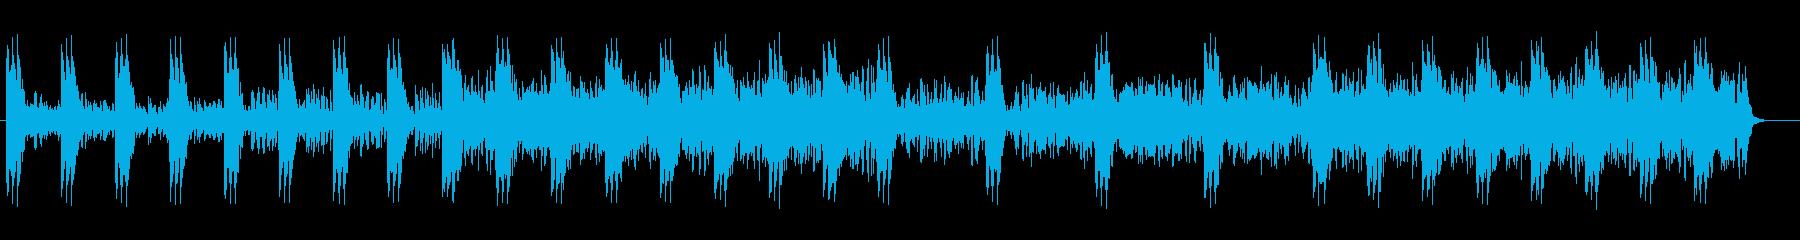 近未来感がありユニークなテクノの再生済みの波形